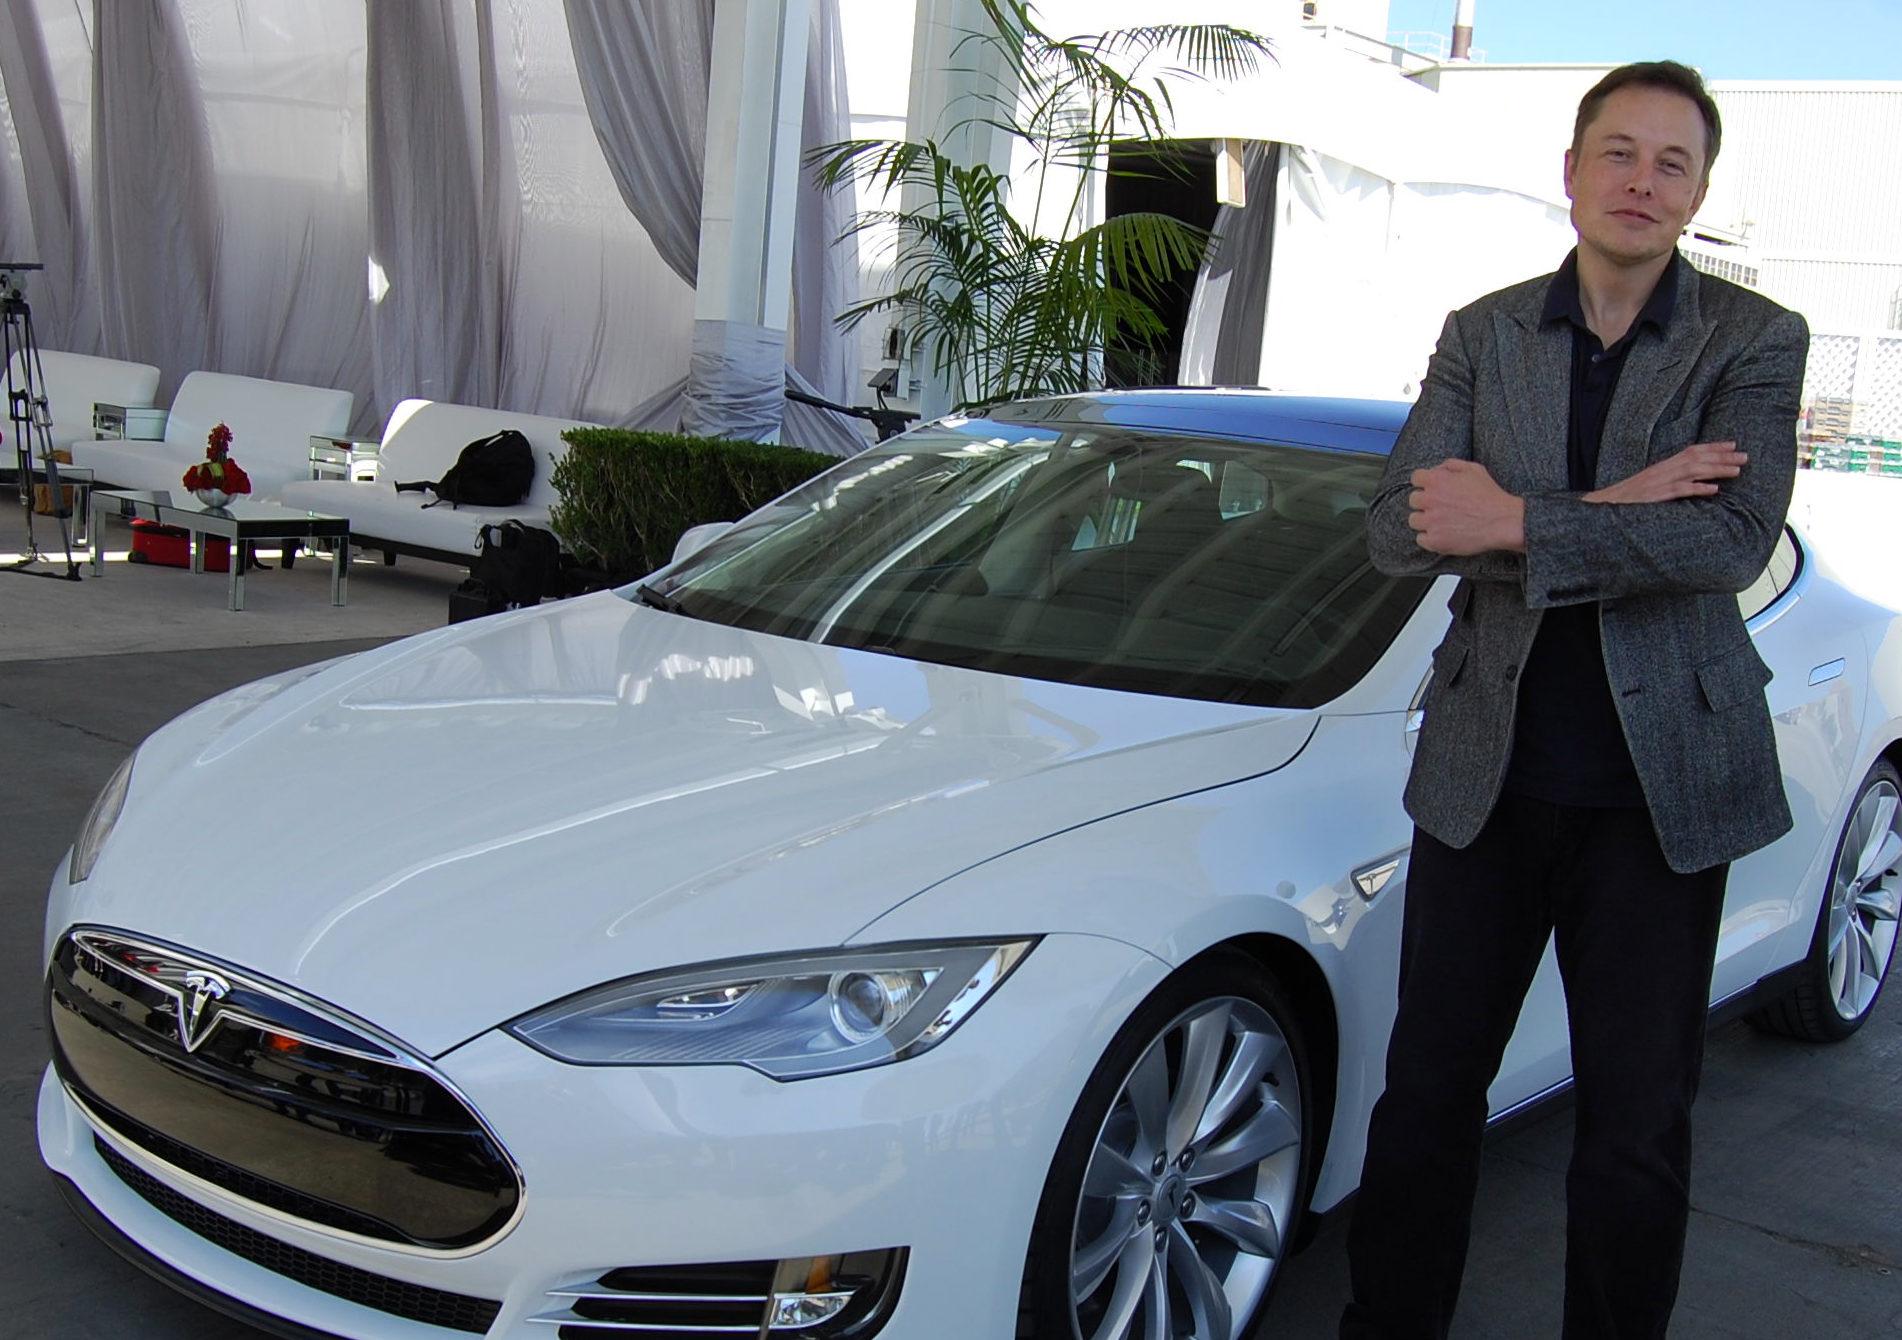 Tesla começa bem 2020: ações em nível recorde e pedidos que dobraram